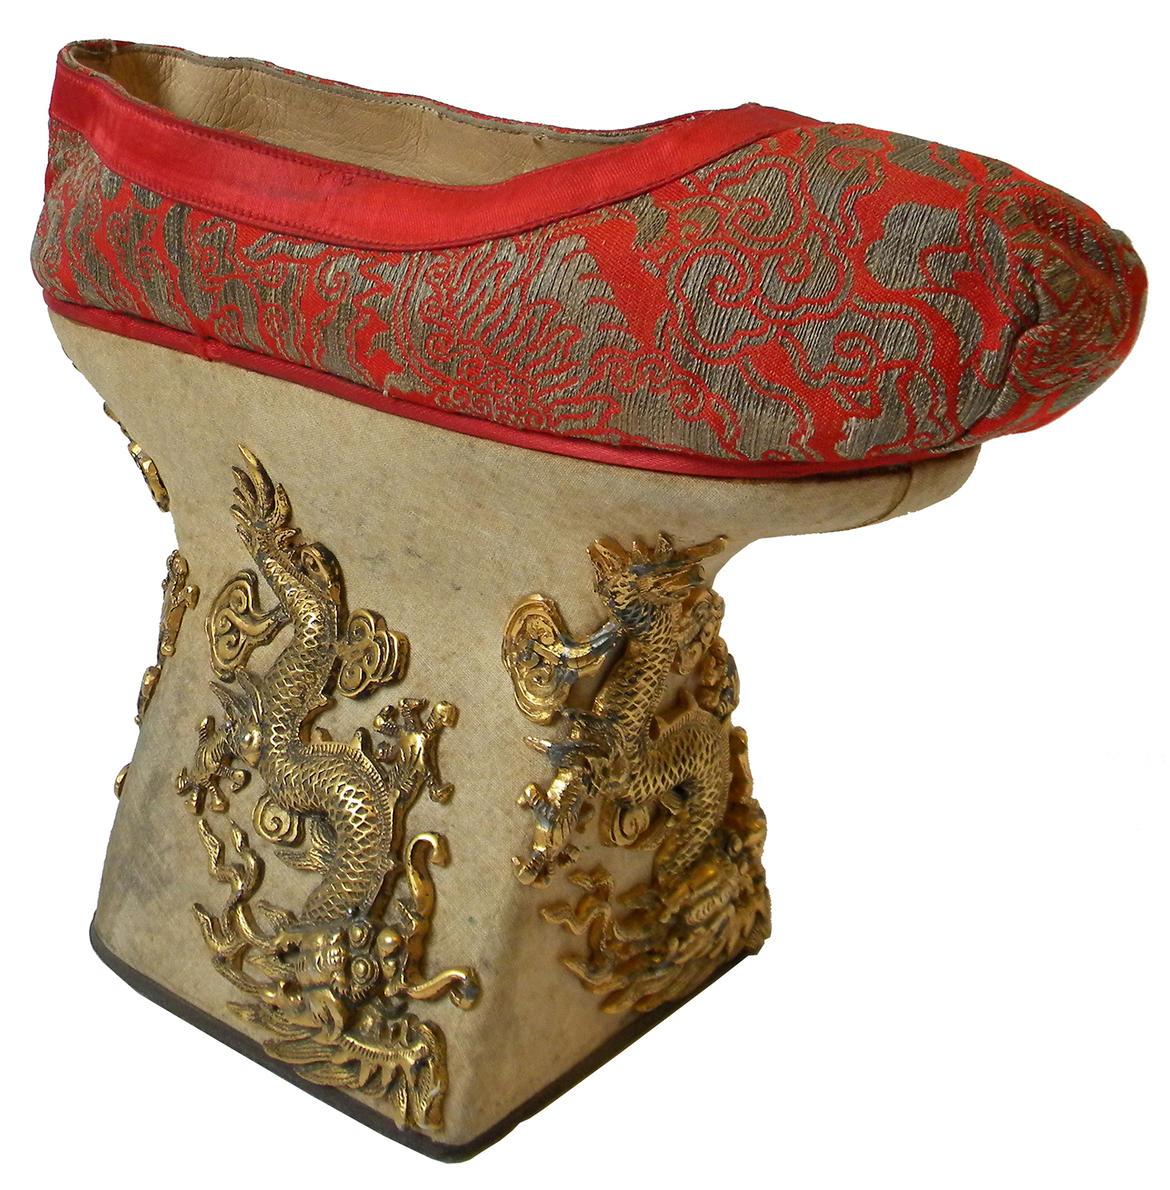 K Chen L Hne arte e scarpe a quot tacco quindici quot trentino cultura